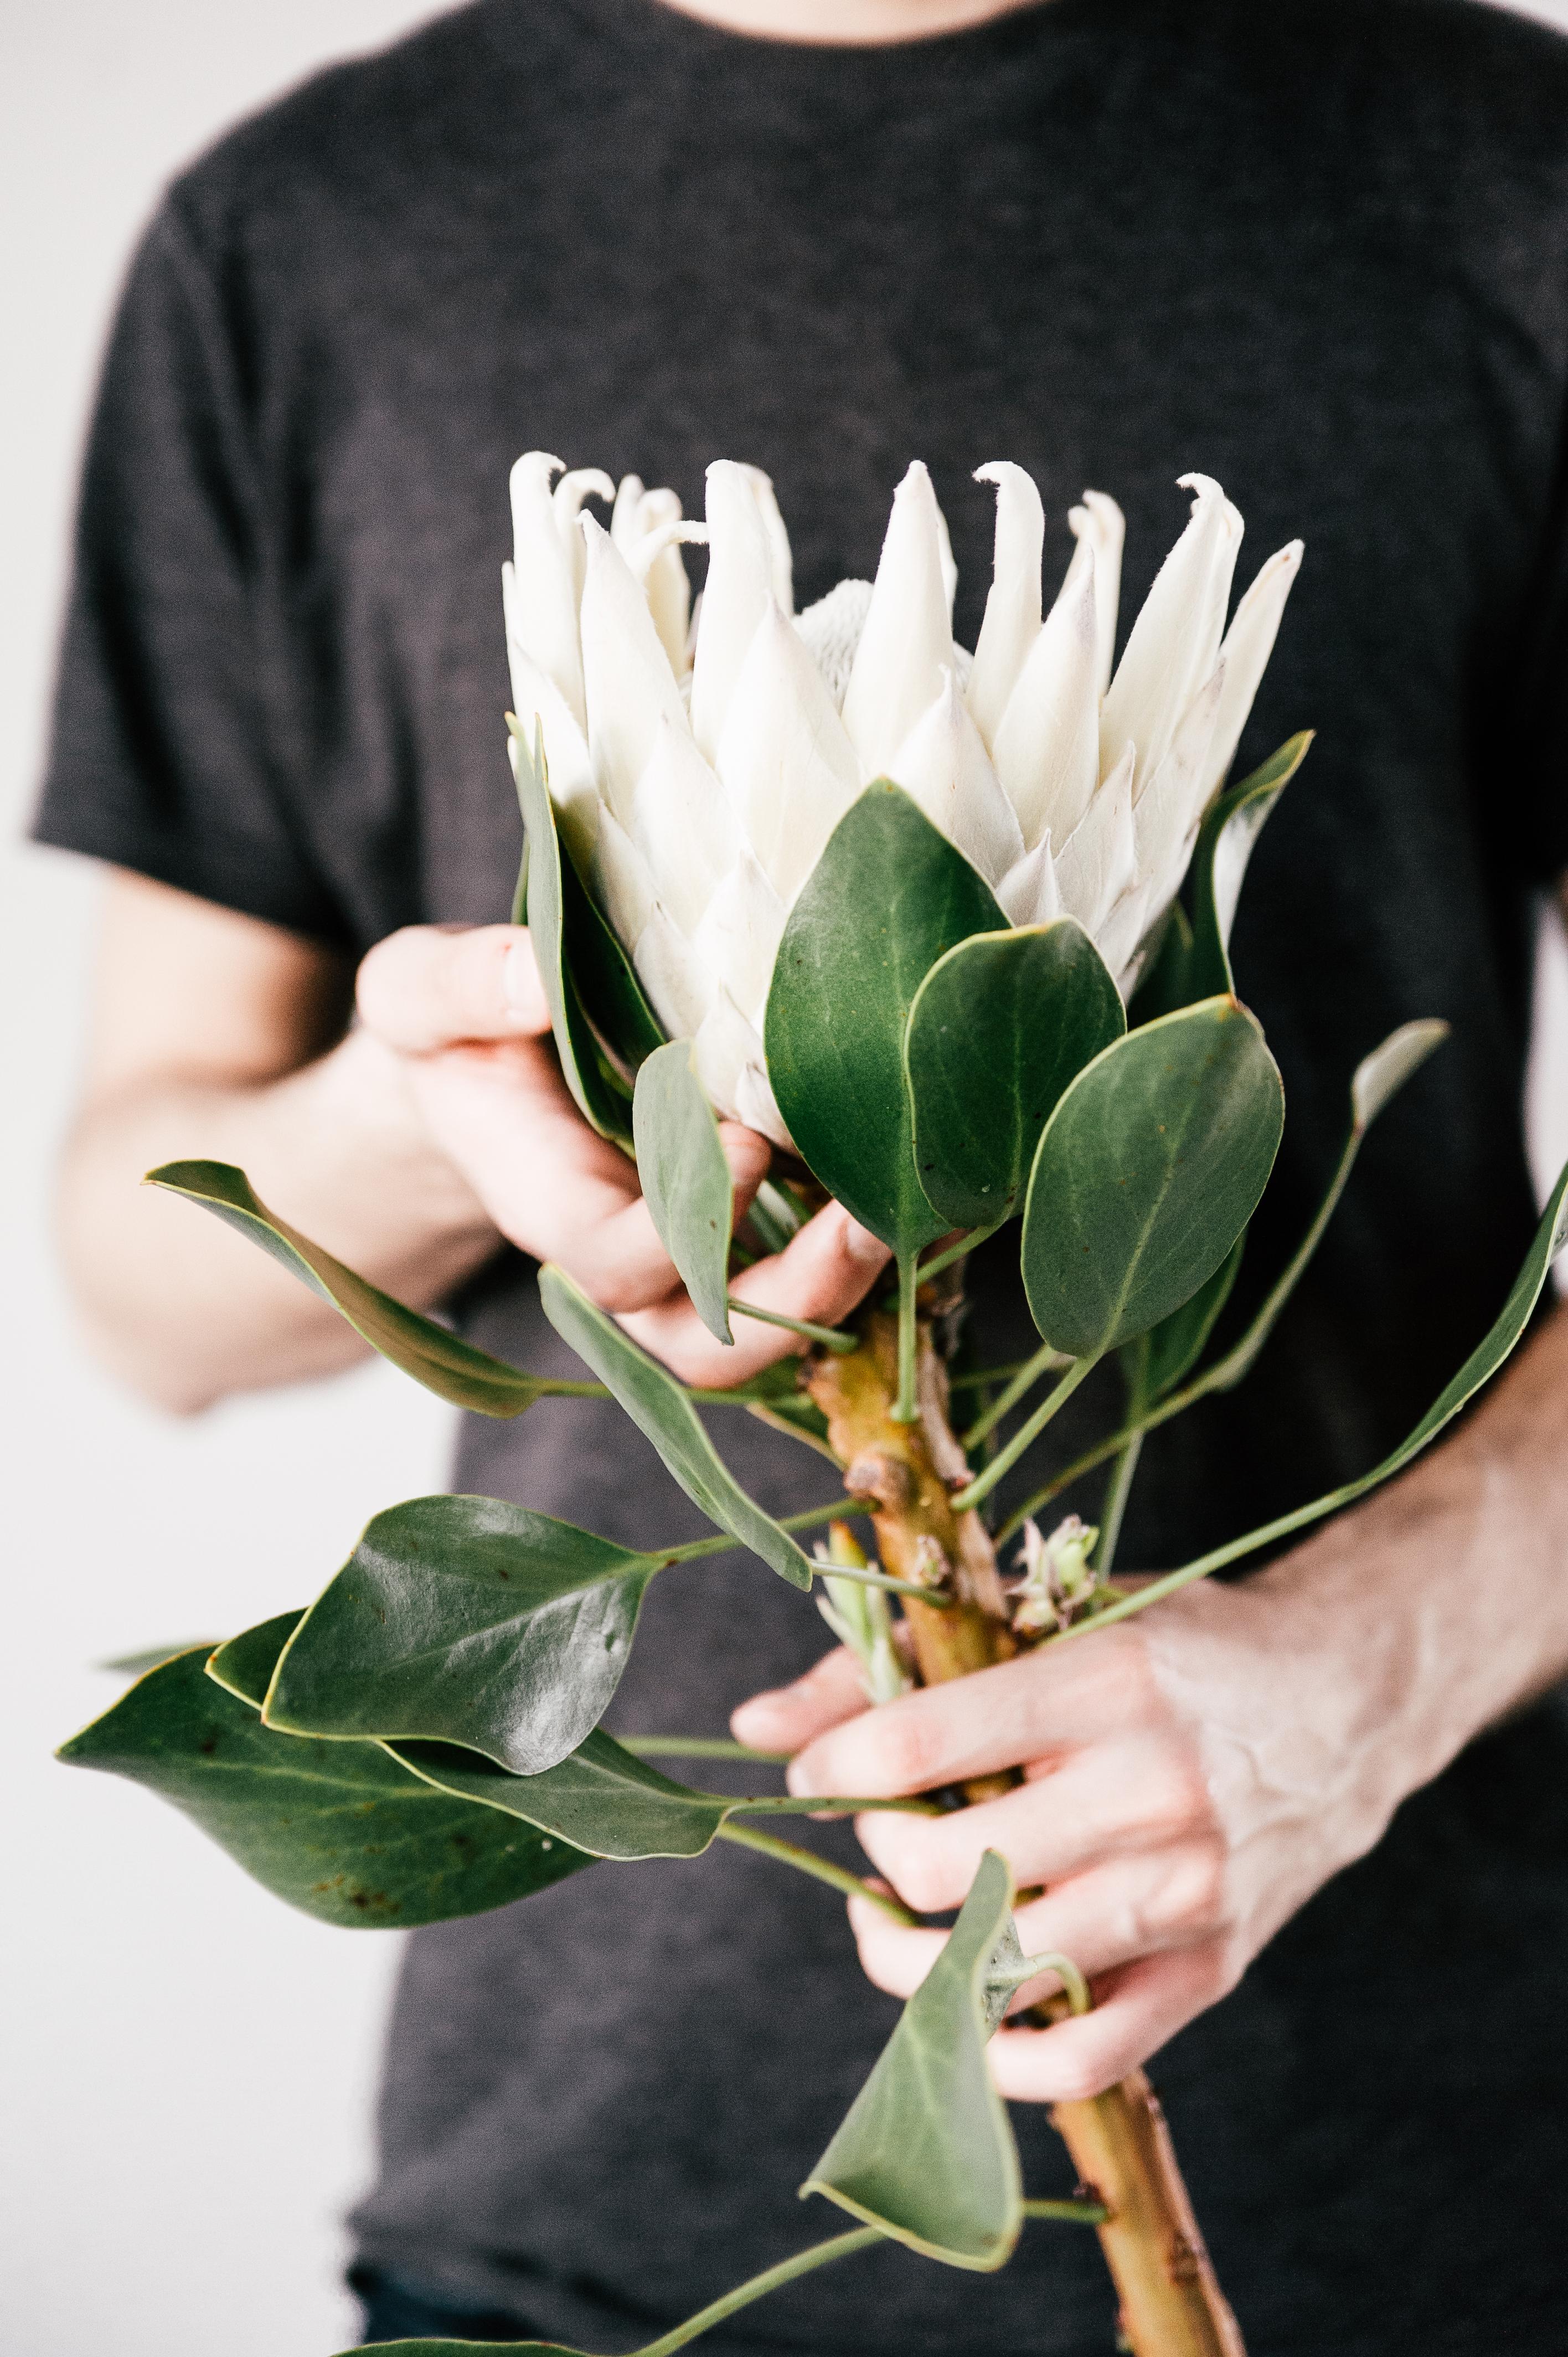 Man Holding White Petaled Flower on Bloom